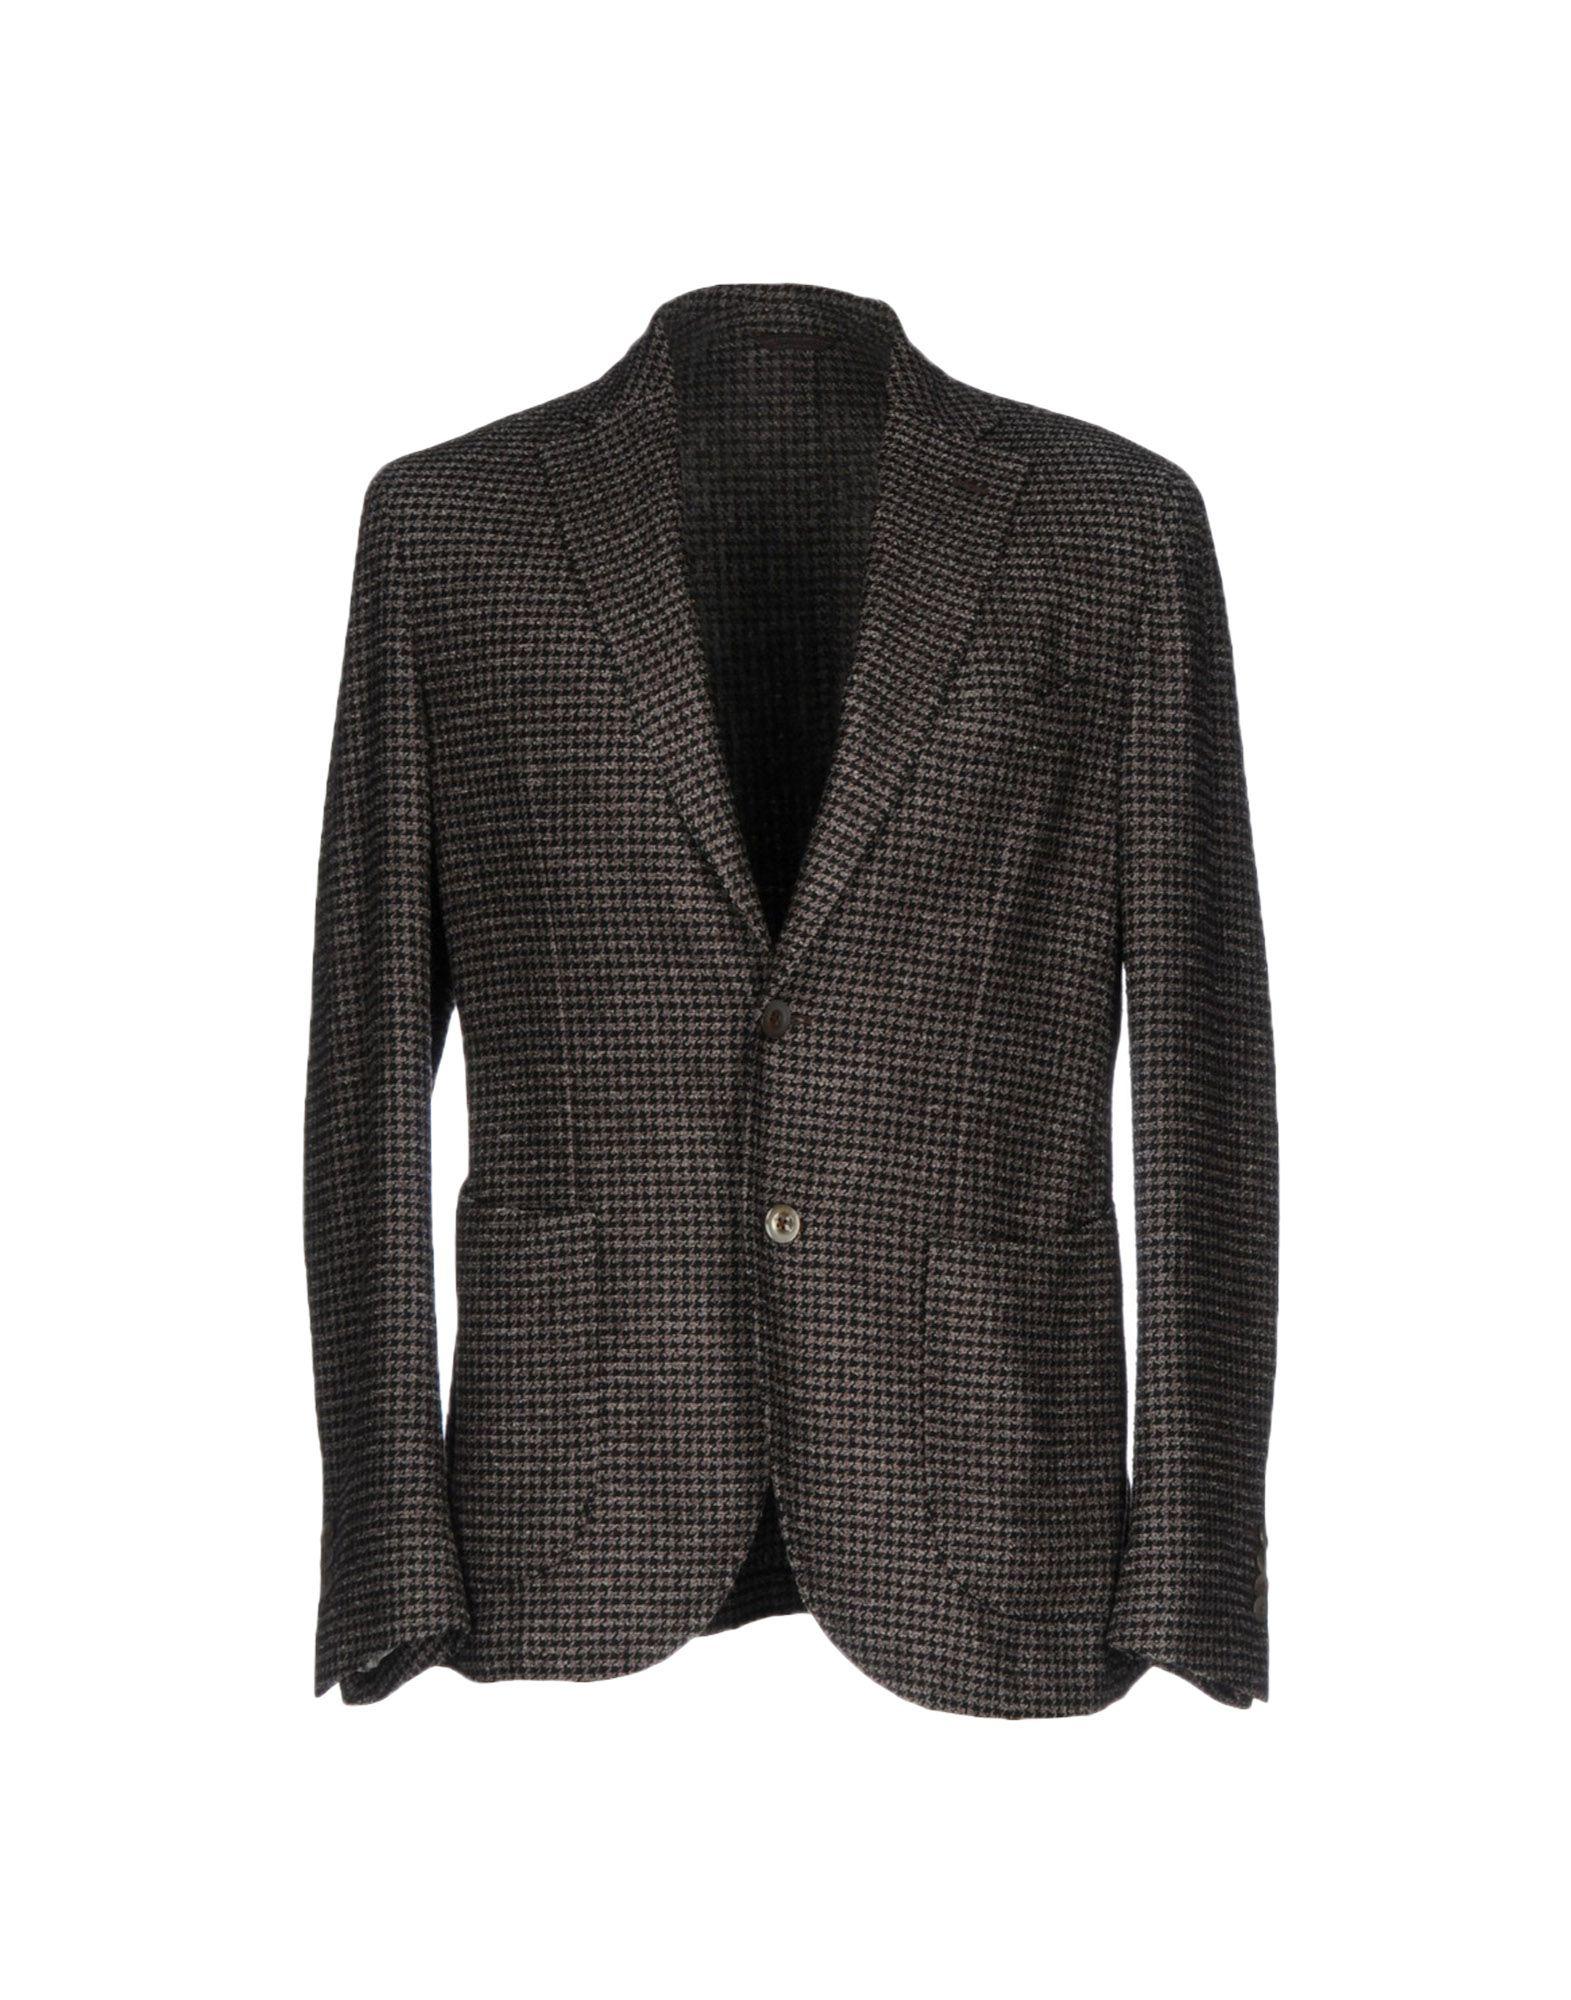 BRANDO Herren Jackett Farbe Grau Größe 5 jetztbilligerkaufen